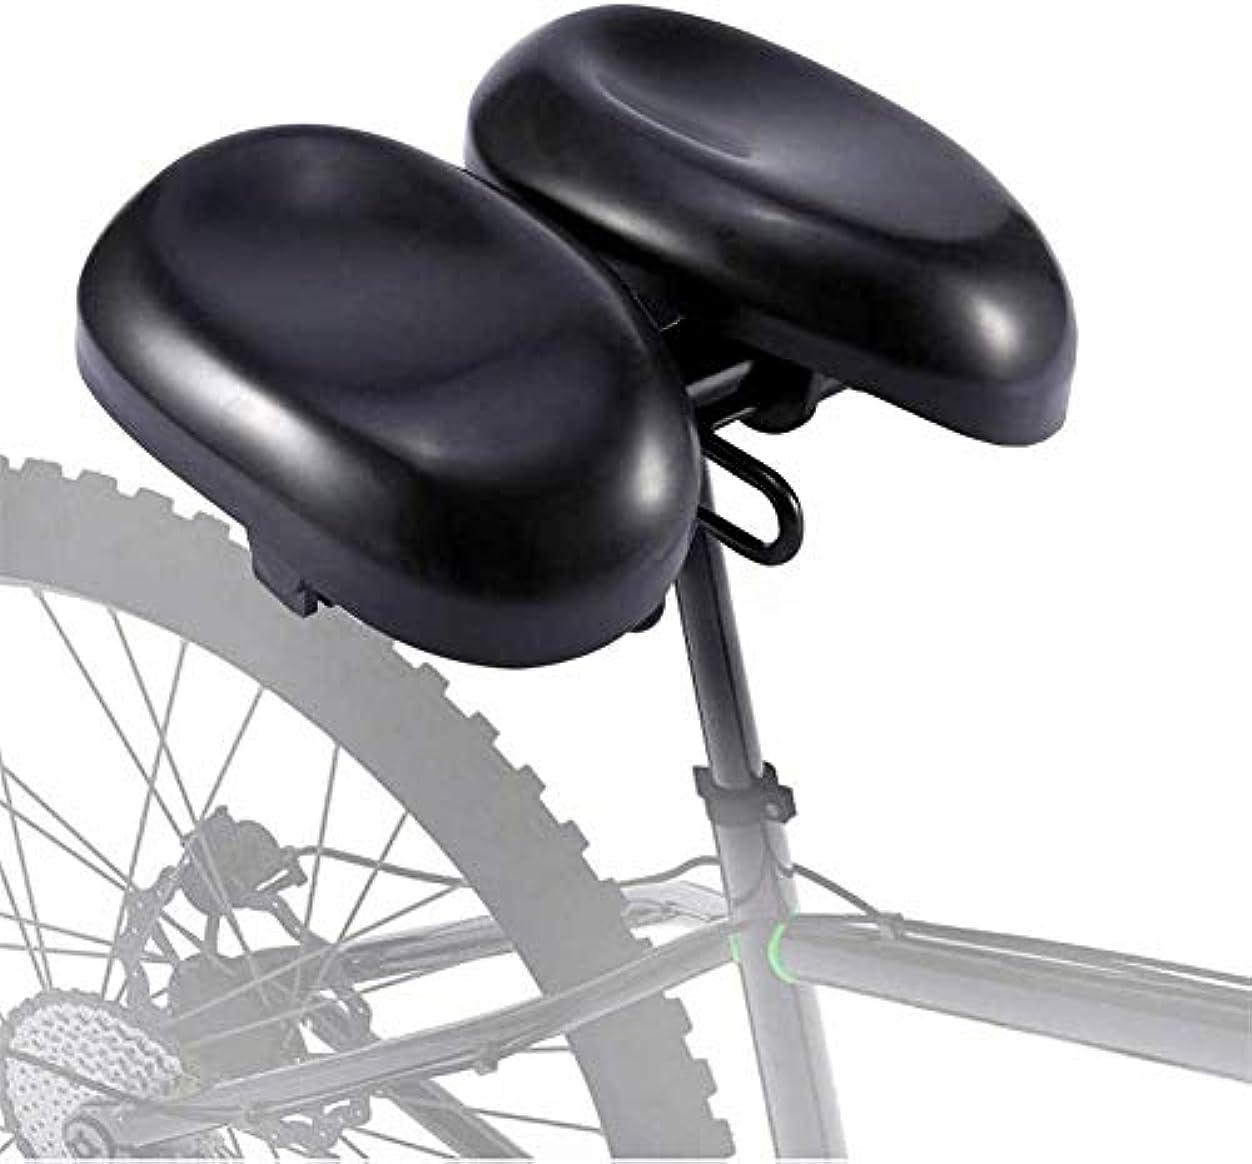 警官付与献身自転車用シート、人間工学に基づいたソフトデュアルパッド自転車サドルクッションノーズレス、男性用と女性用幅調節可能8.6?9.8インチ